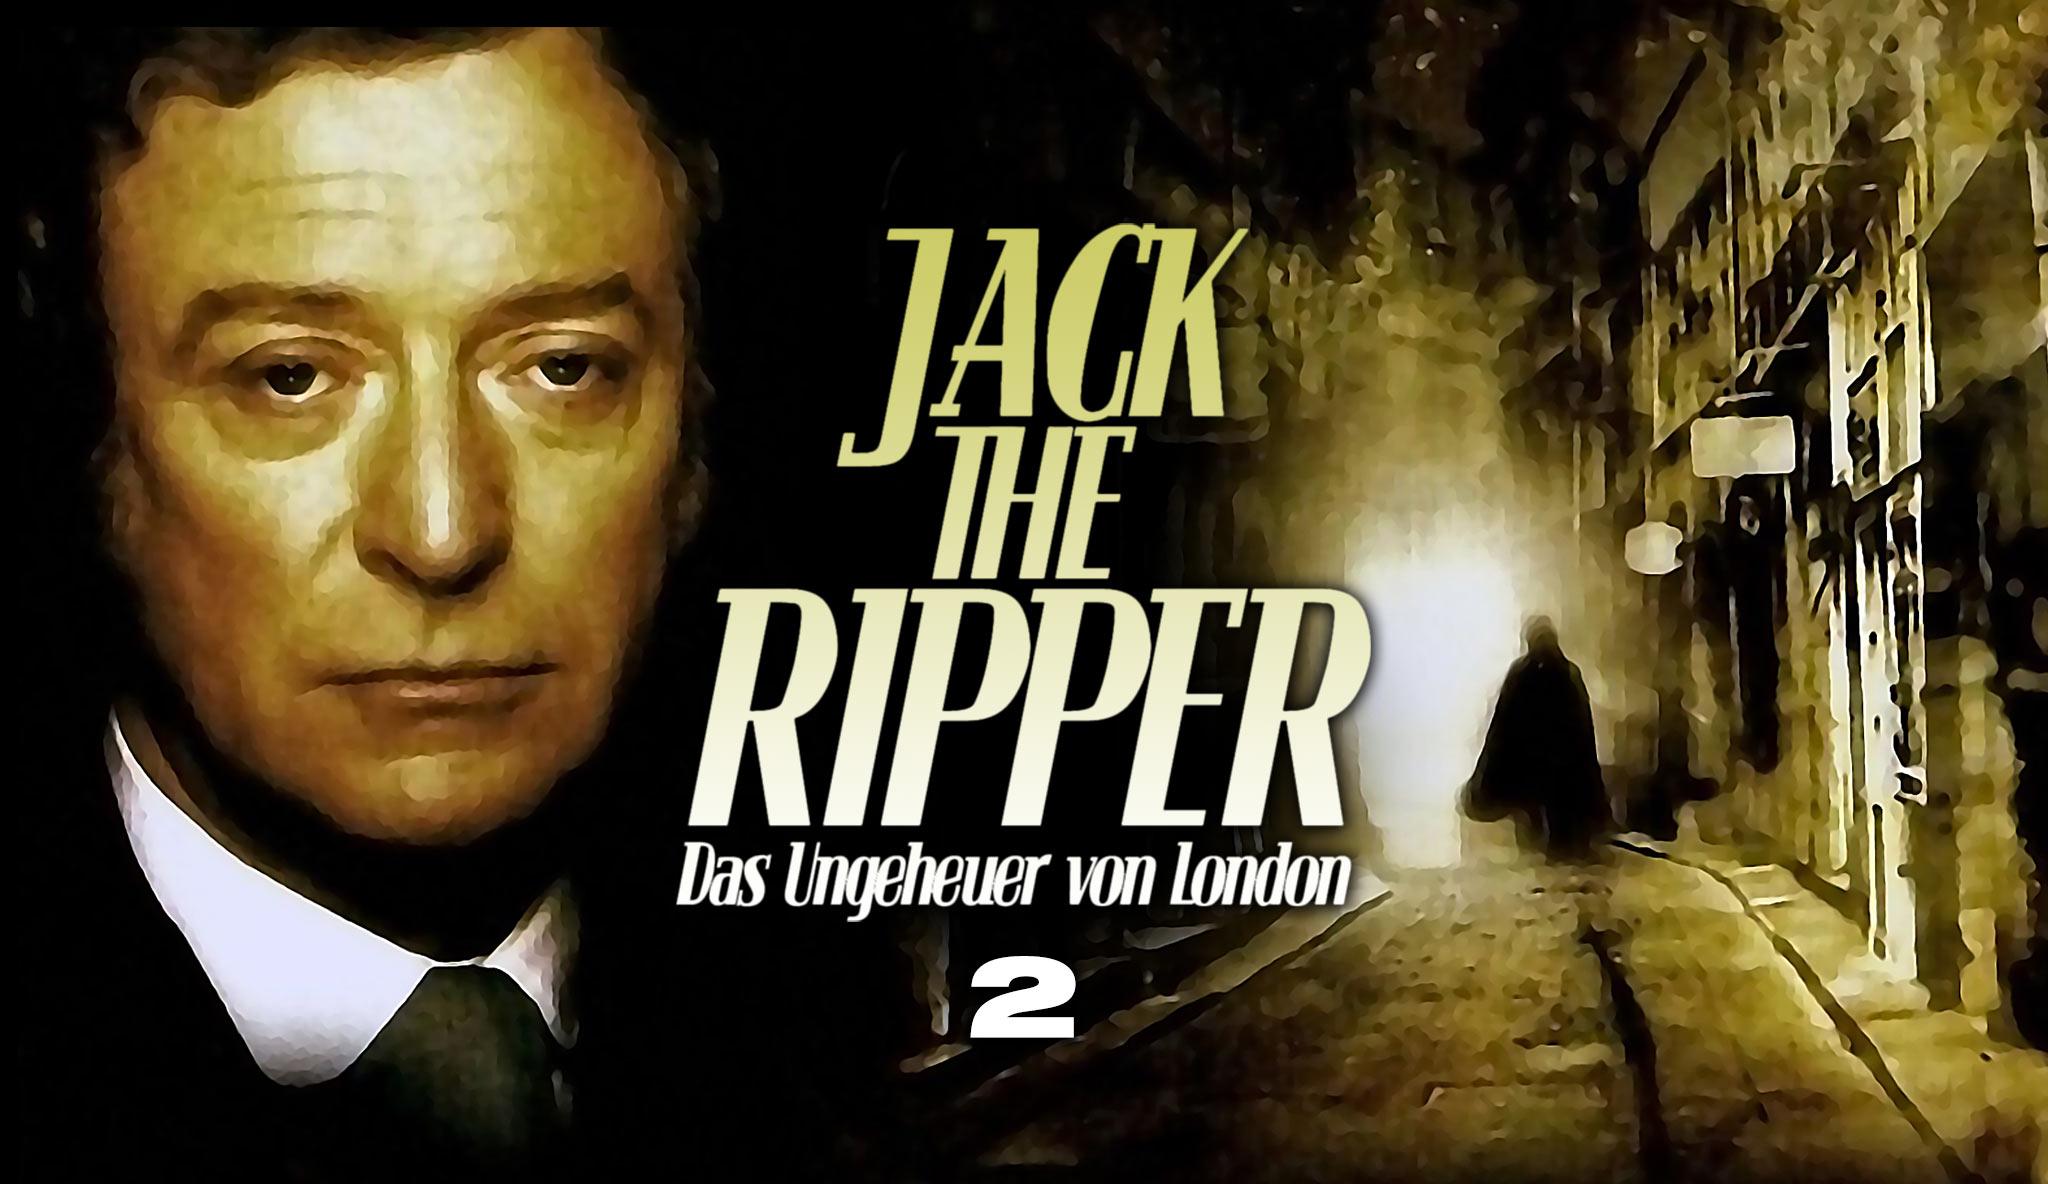 jack-the-ripper-das-ungeheuer-von-london-teil-2\header.jpg